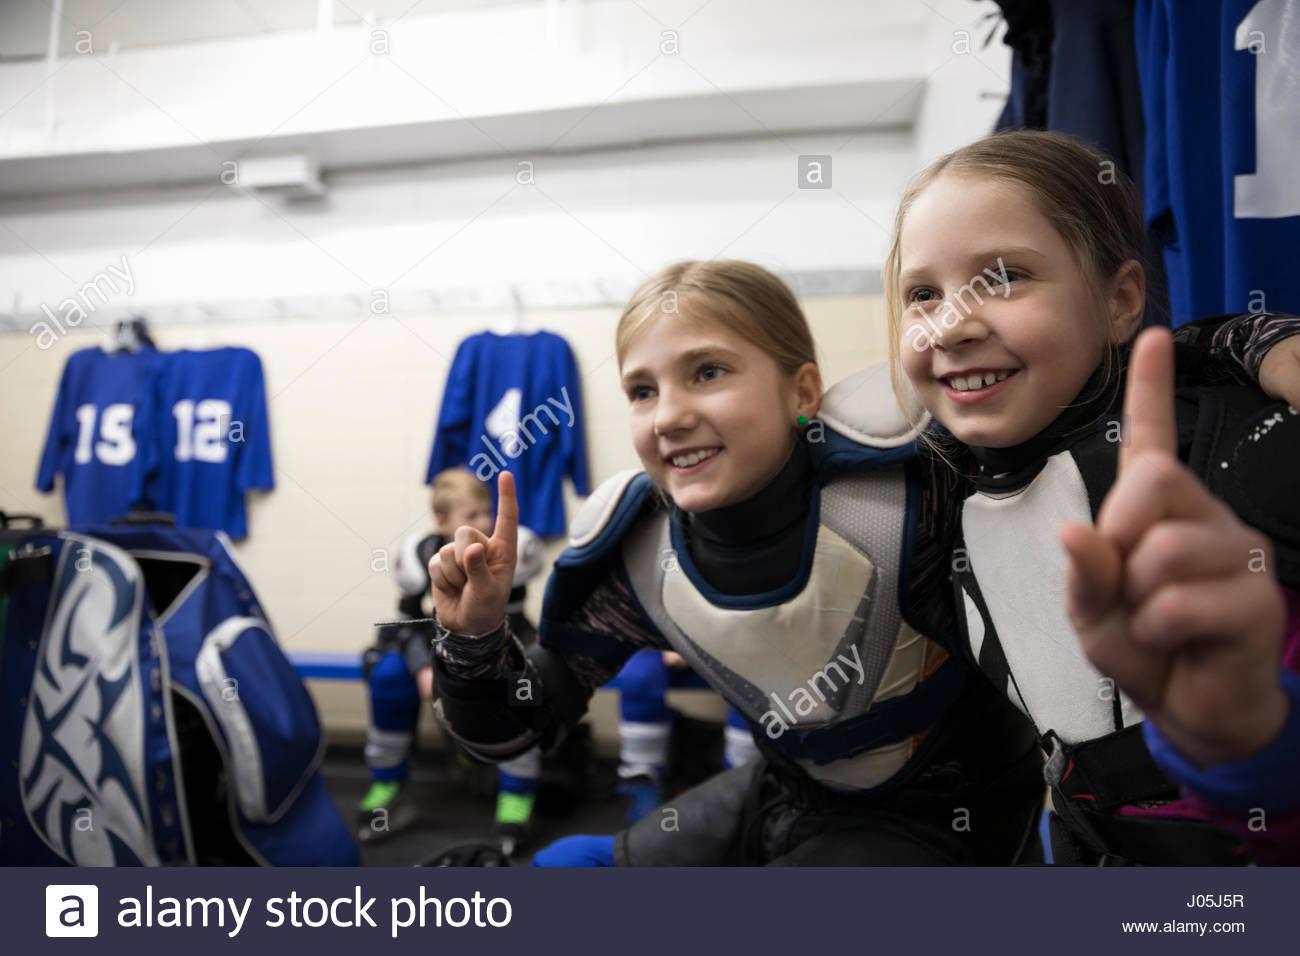 Seguro girl jugadores de hockey sobre hielo gesticulando número 1 en el vestuario Imagen De Stock